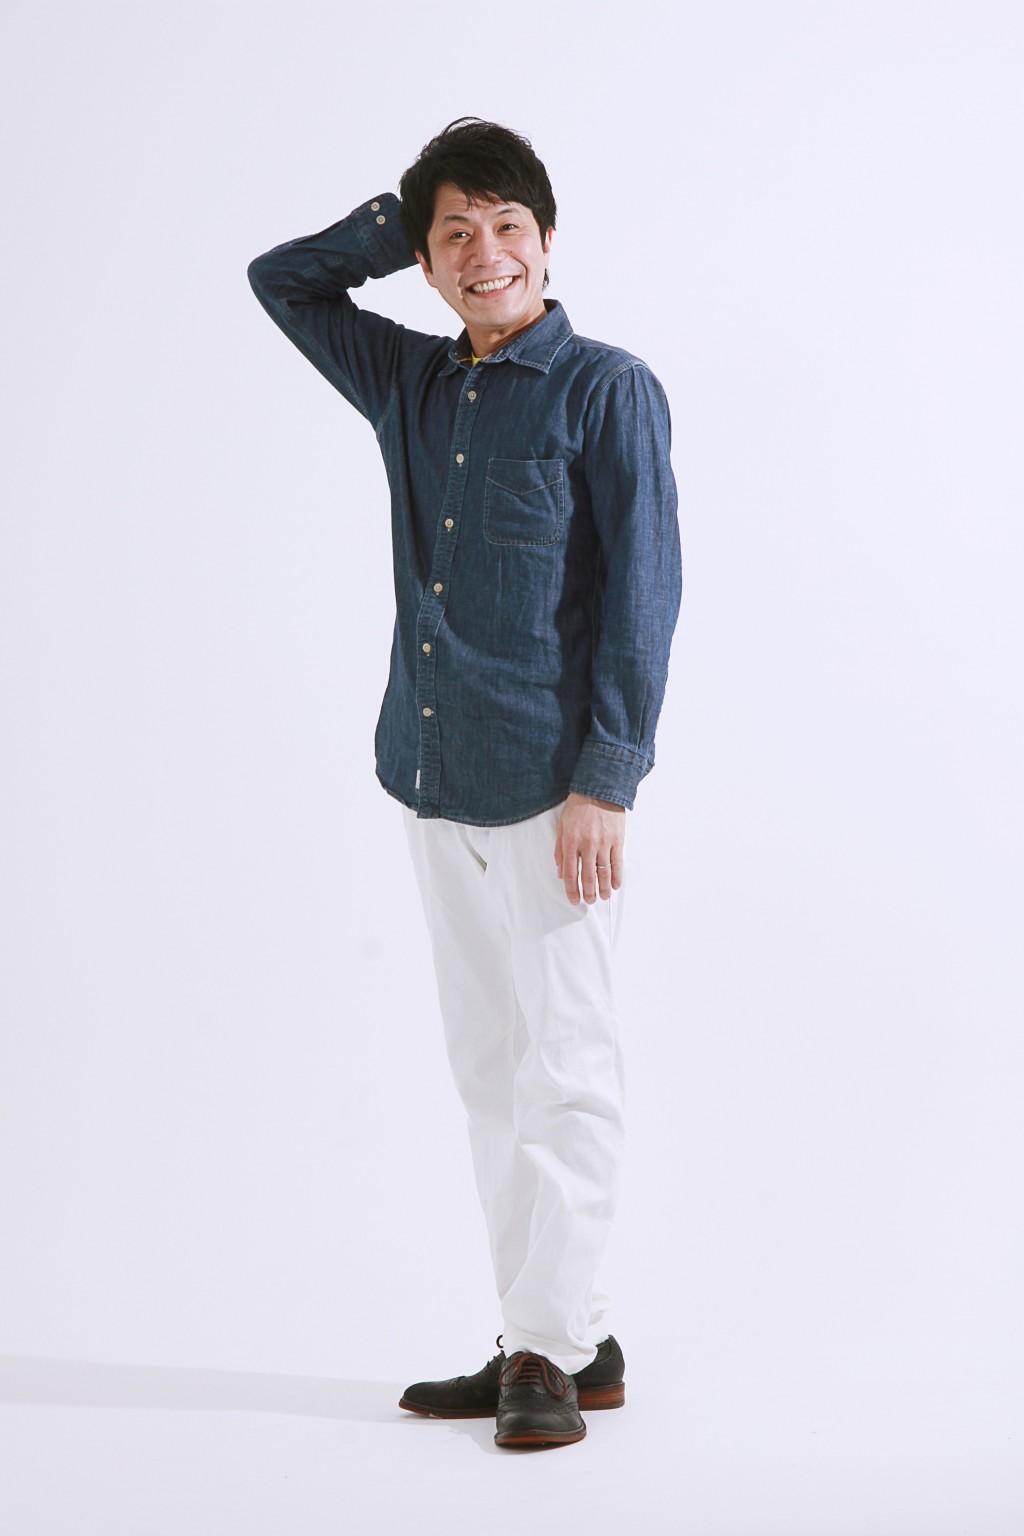 円盤ライダー2号 冠仁